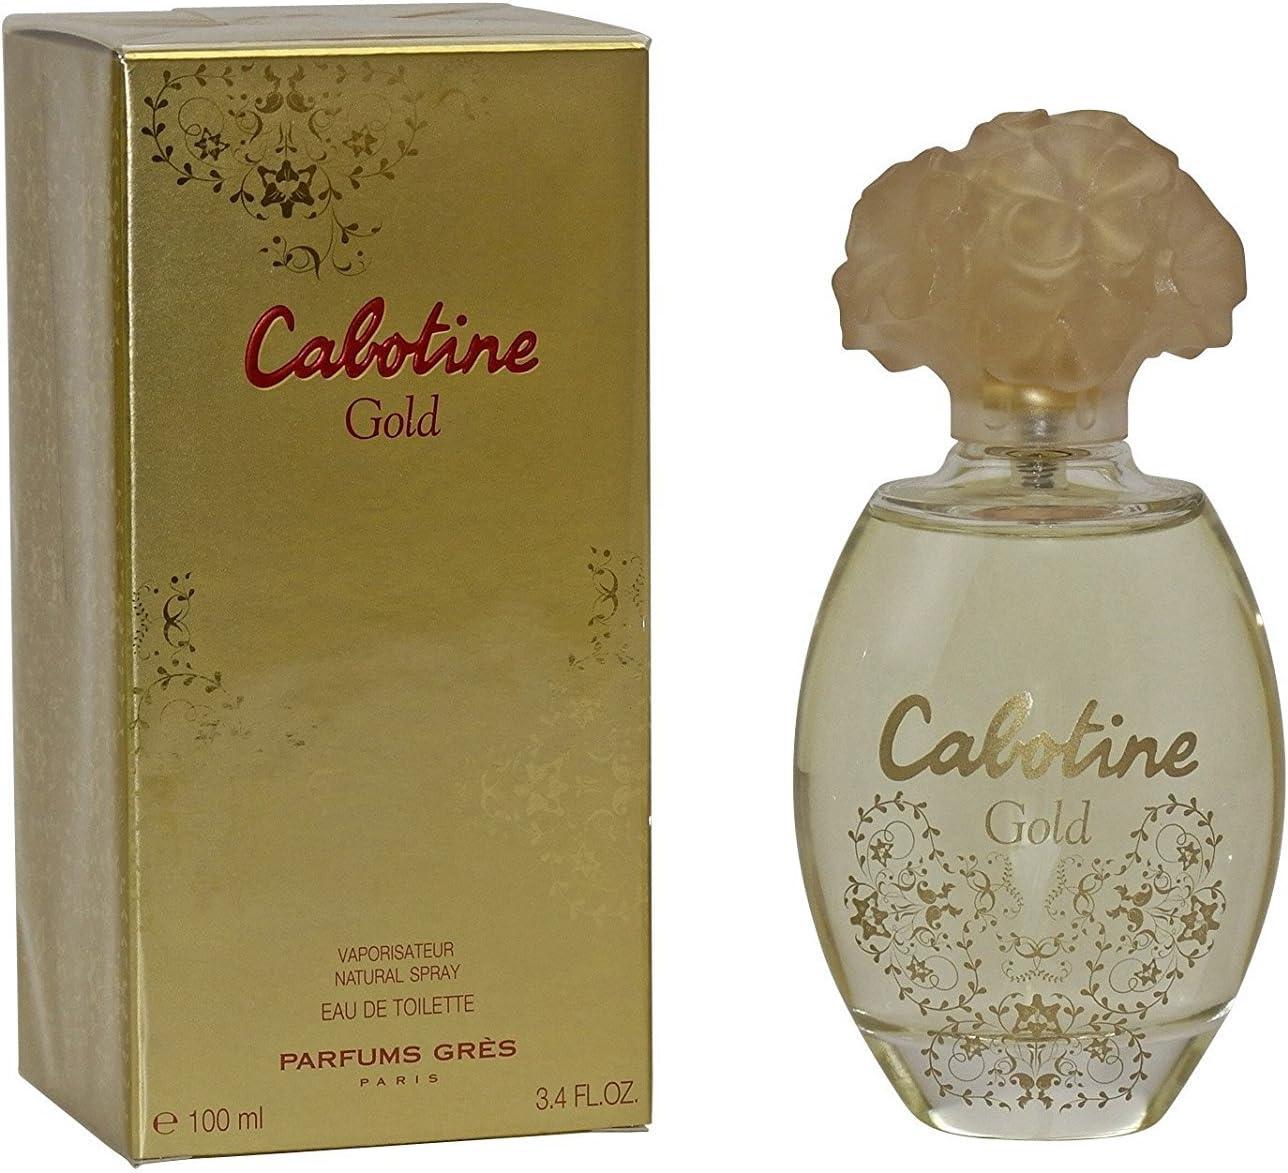 Cabotine Gold By Parfums Gres Eau De Toilette Spray 3.4 Oz